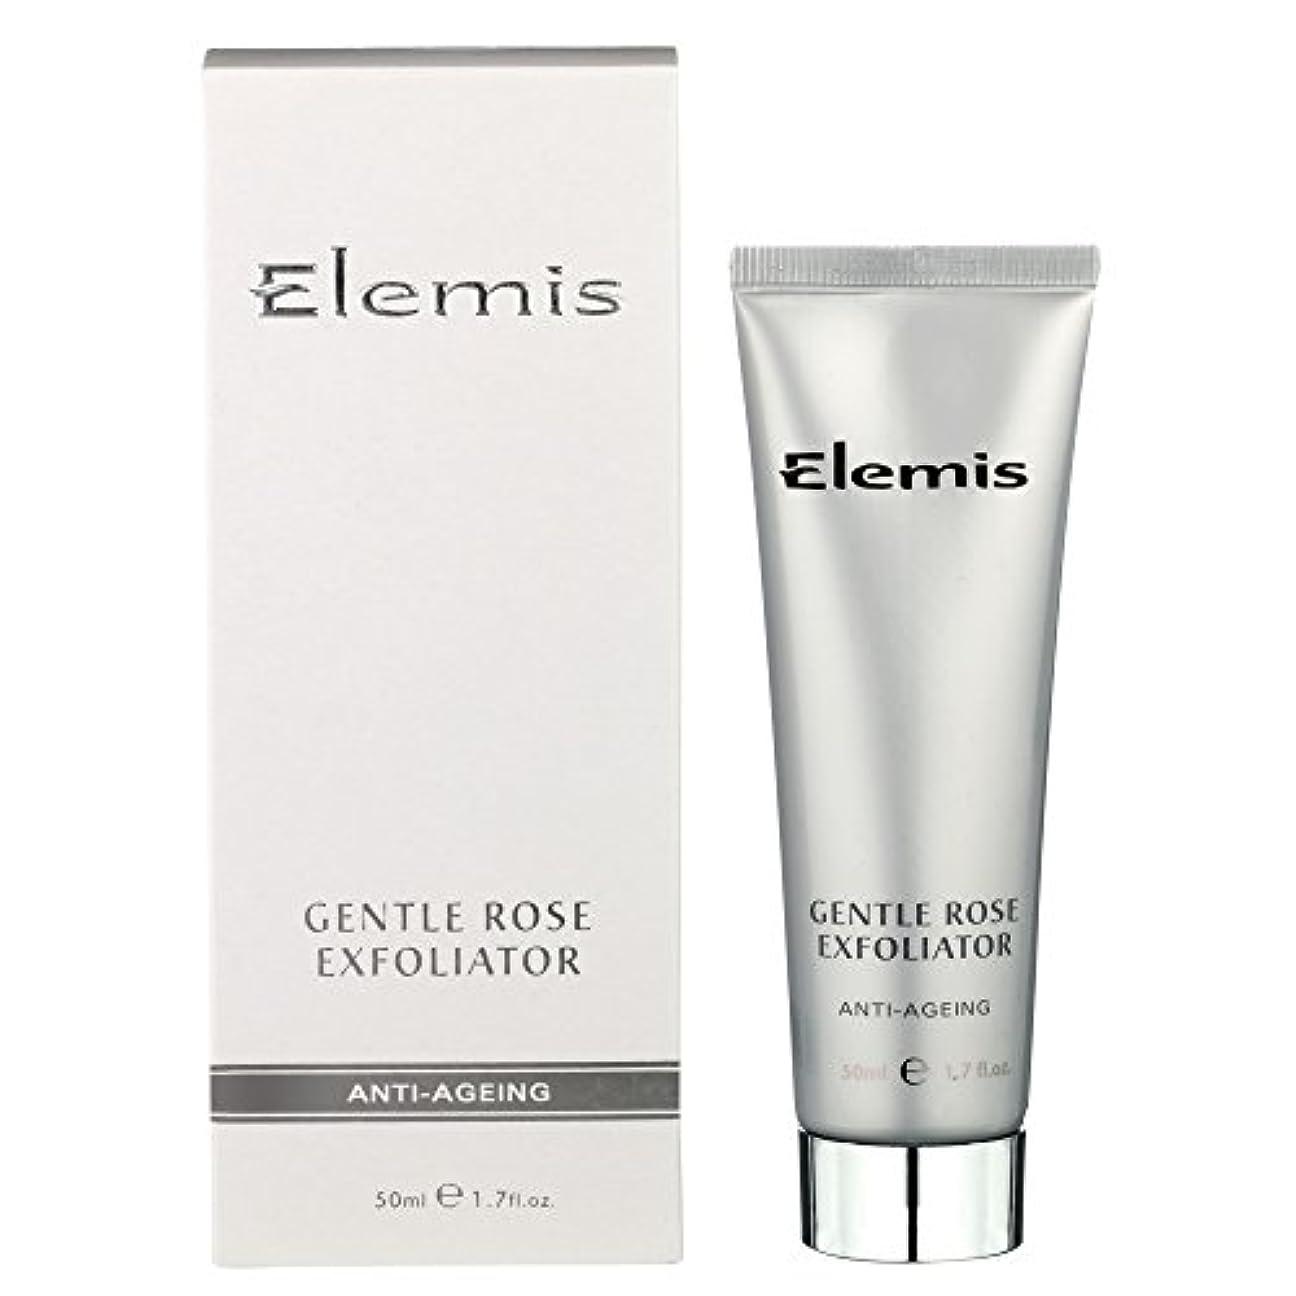 孤独なパイロット酔うエレミスは穏やかなエクスフォリエーターをバラ (Elemis) (x6) - Elemis Gentle Rose Exfoliator (Pack of 6) [並行輸入品]